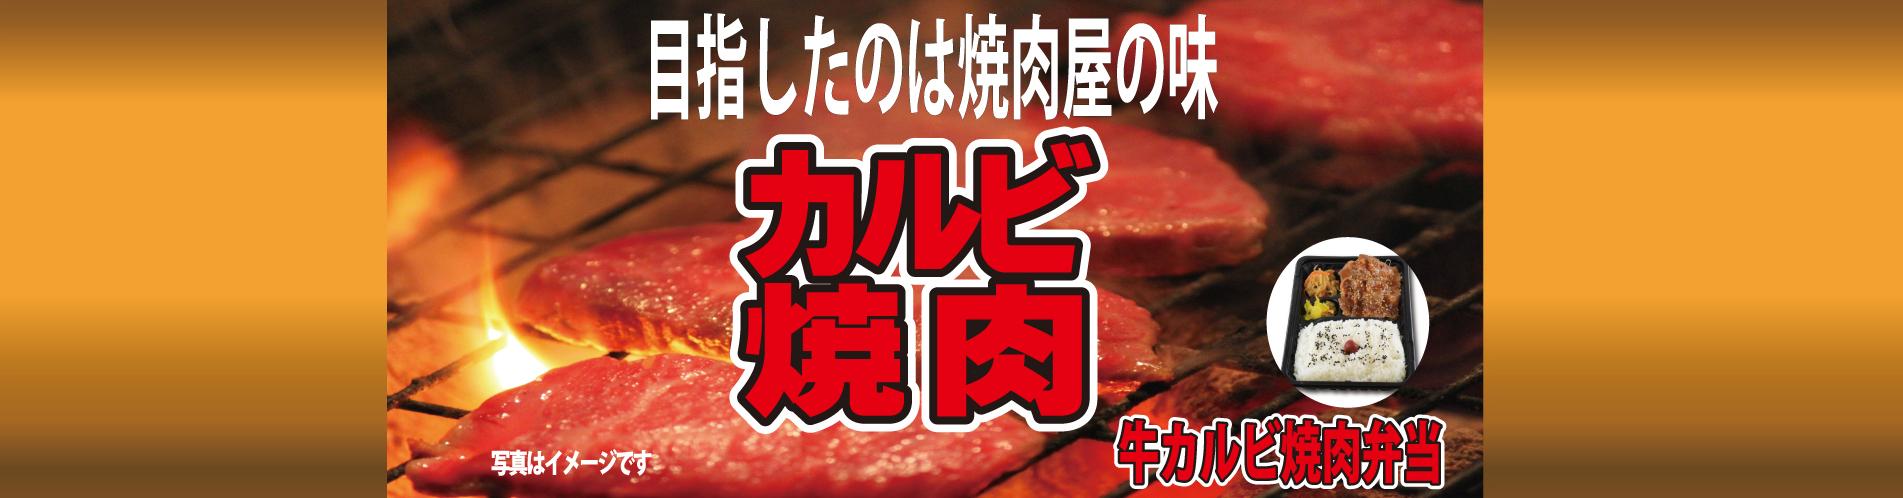 カルビ焼肉